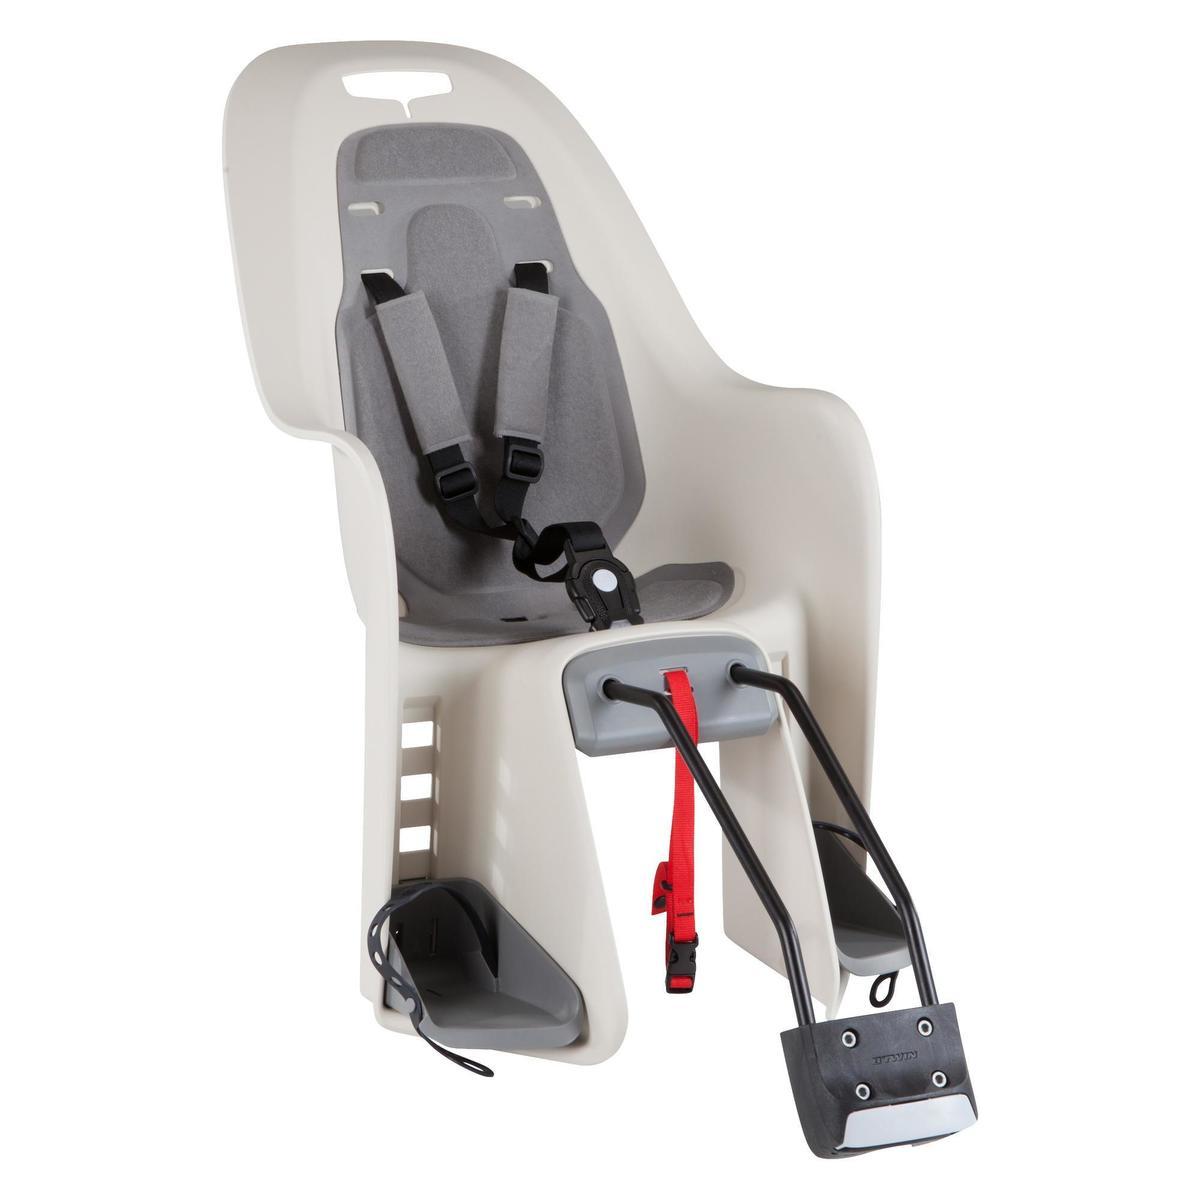 Bild 1 von Fahrrad-Kindersitz 100 Rahmen grau